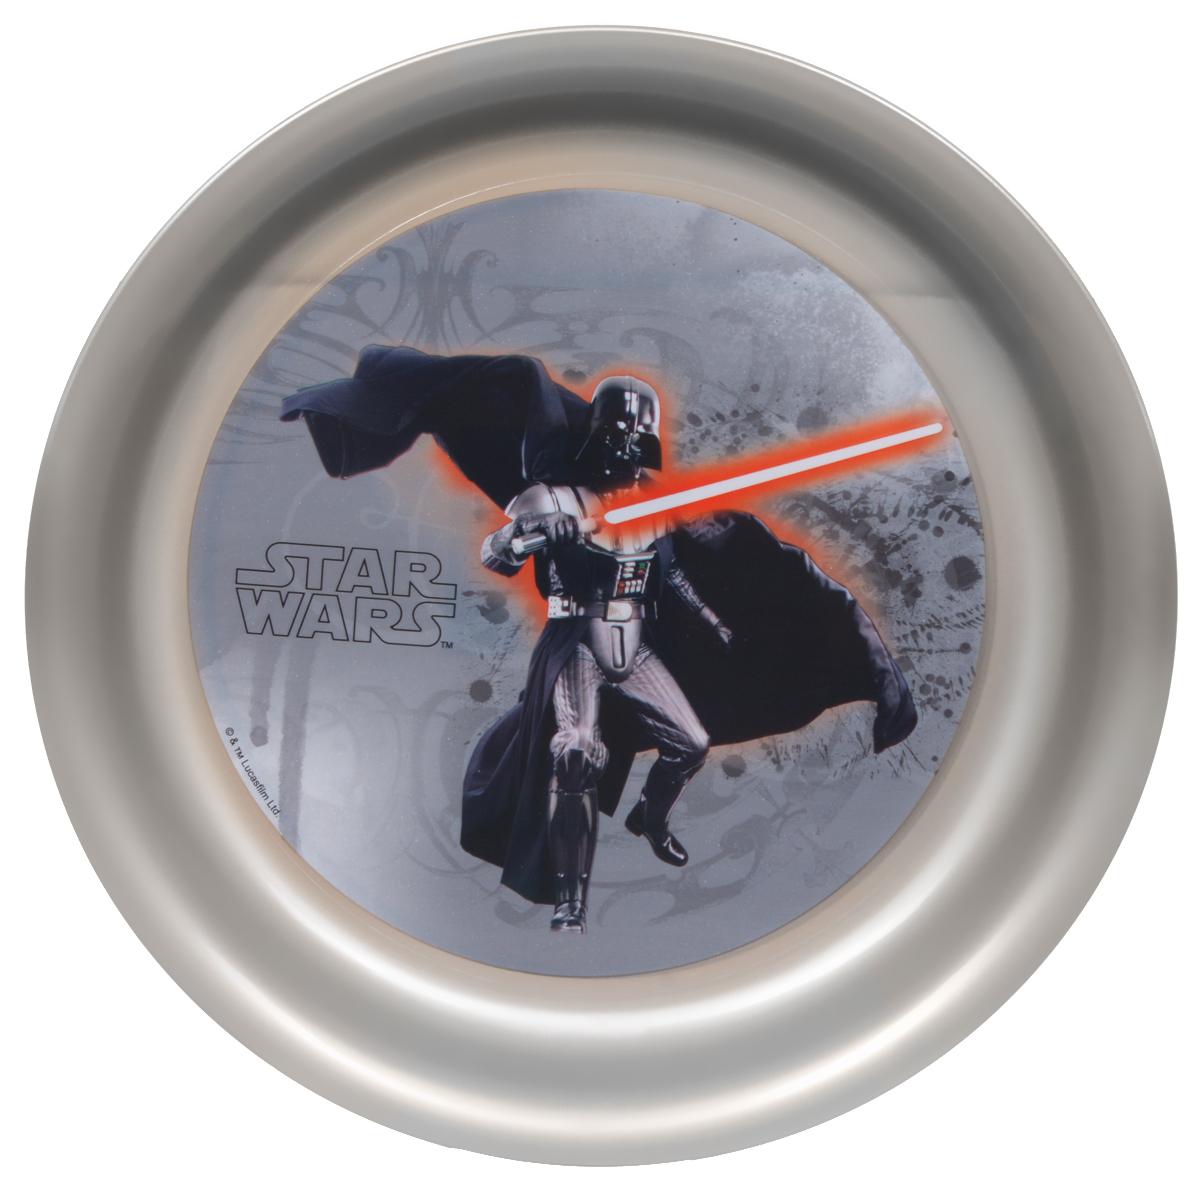 Star Wars Тарелка детская Дарт Вейдер диаметр 19 см290102Детская тарелка Star Wars Дарт Вейдер станет отличным подарком для любого фаната знаменитой саги. Она выполнена из полипропилена и оформлена рисунком с изображением Дарта Вейдера. Диаметр тарелки: 19 см. Не подходит для использования в посудомоечной машине и СВЧ-печи.